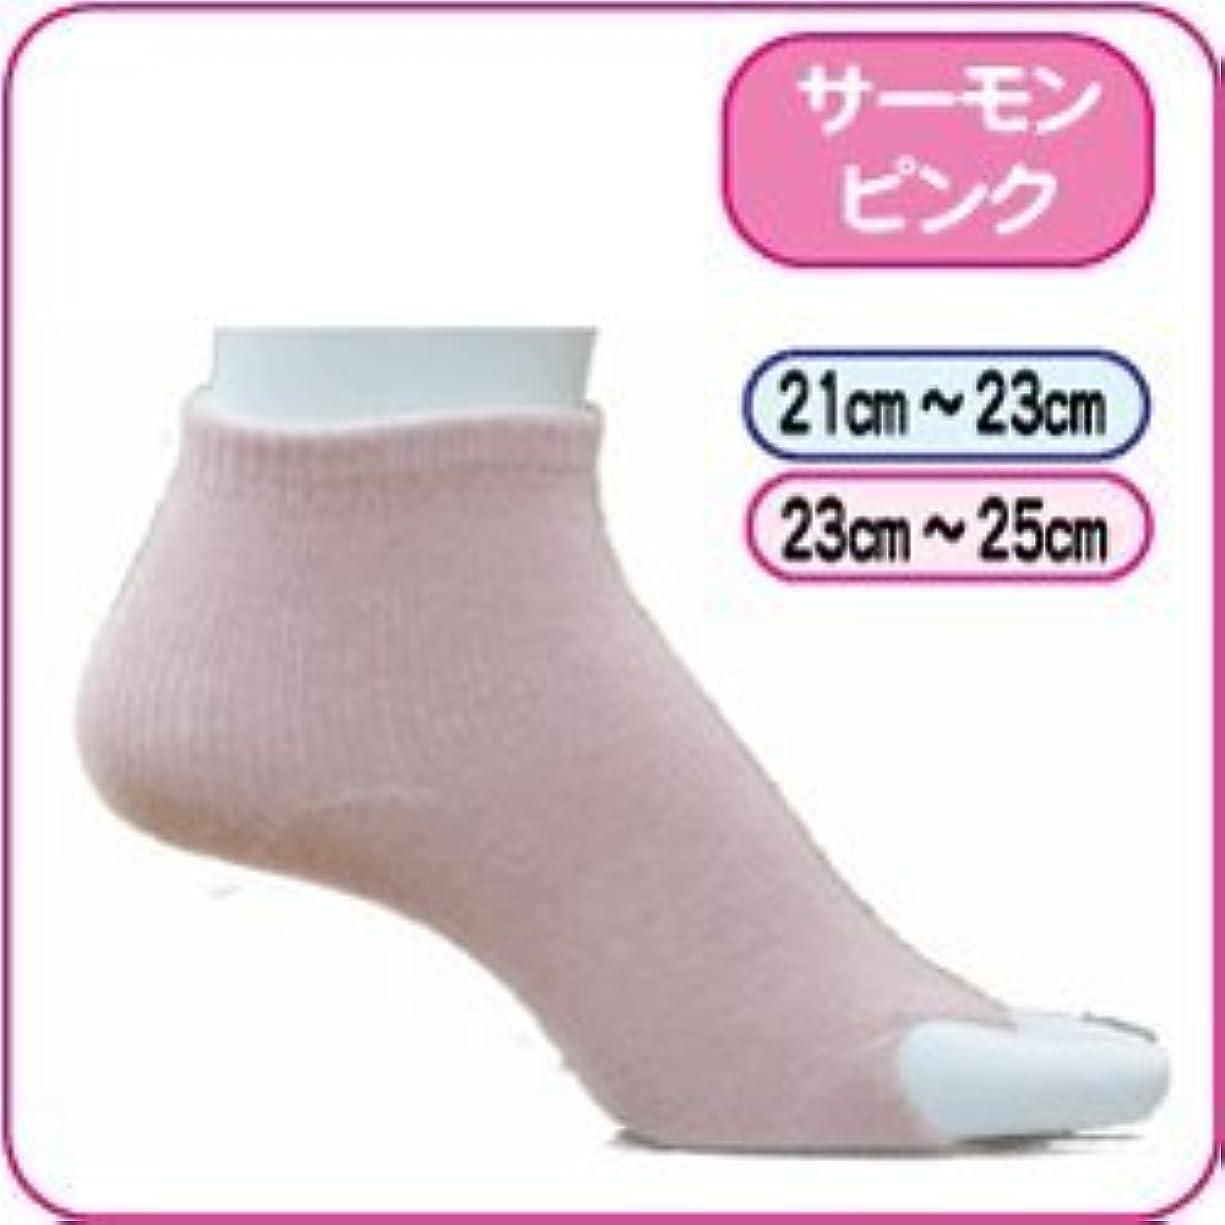 頻繁になぜならドループ冷え性?足のむくみ対策に 竹繊維の入った?指なし健康ソックス (23cm~25cm, サーモンピンク)